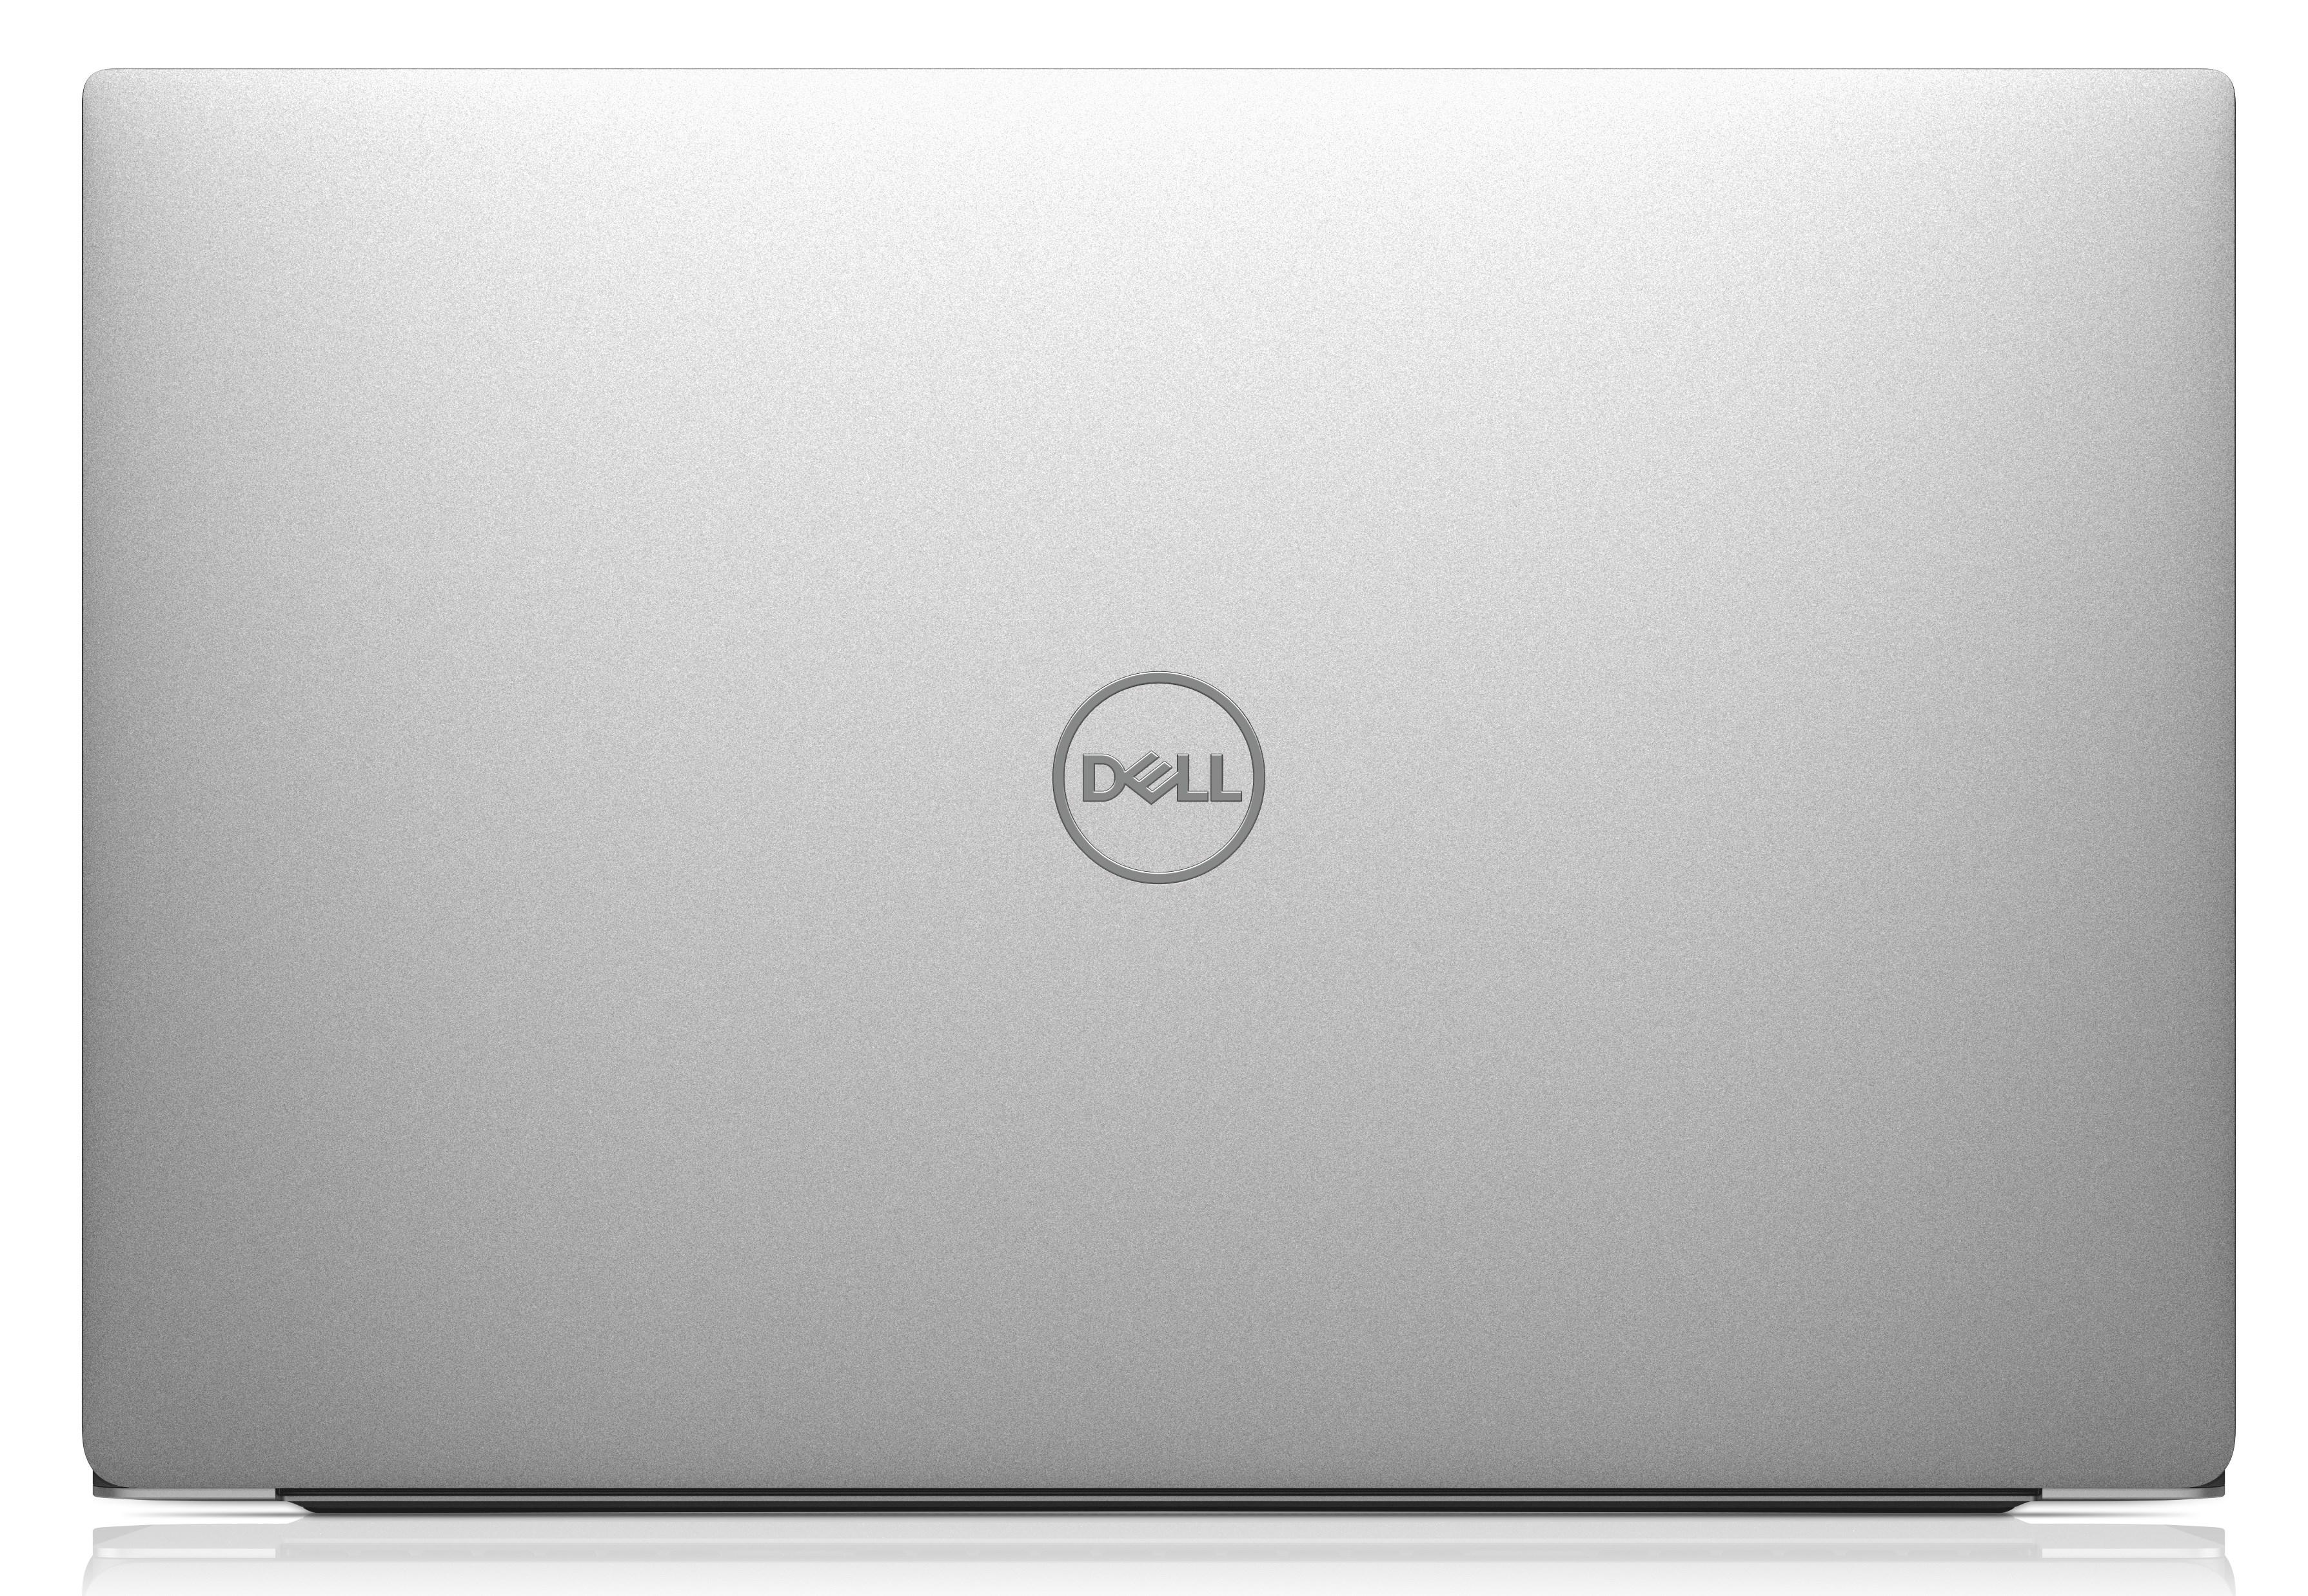 Dell XPS 15 (2018) : Intel Core i9 à 6 cœurs et GeForce 1050 sous la